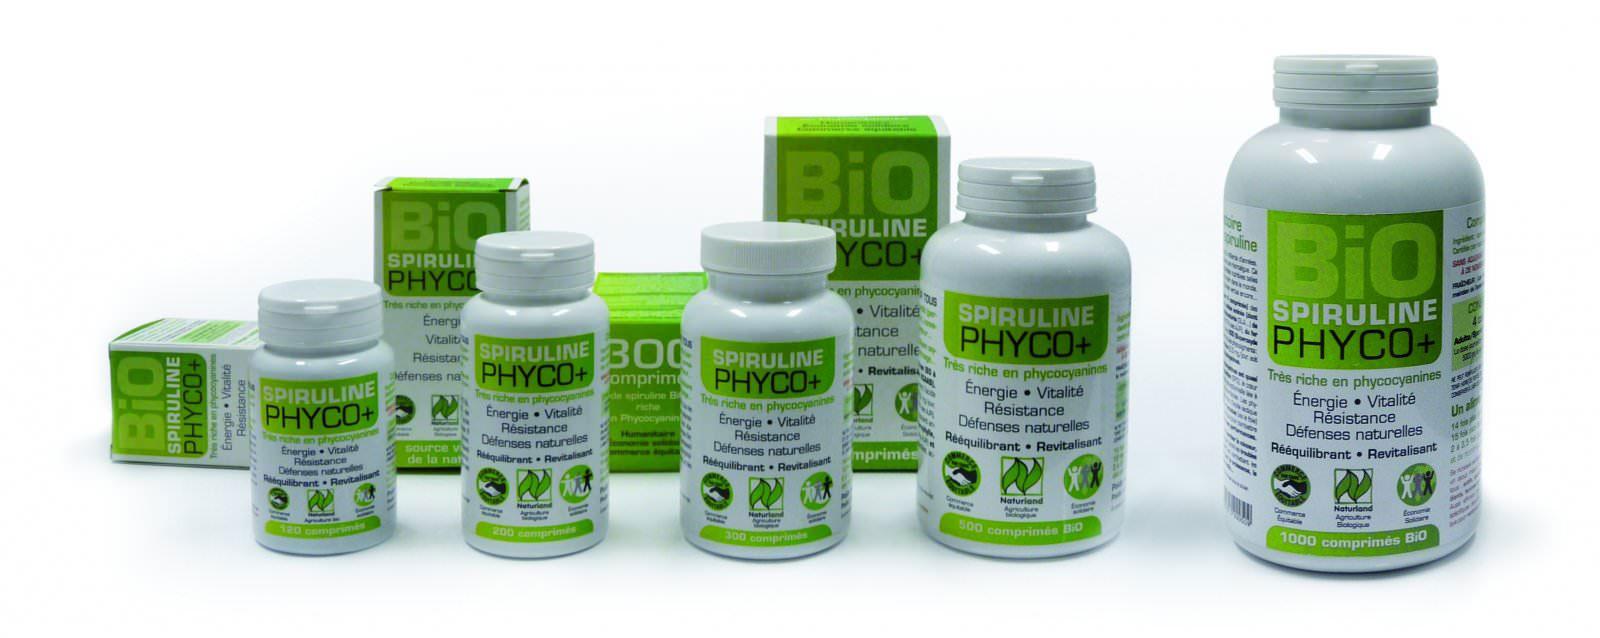 Spiruline bio, un produit que je vous recommande